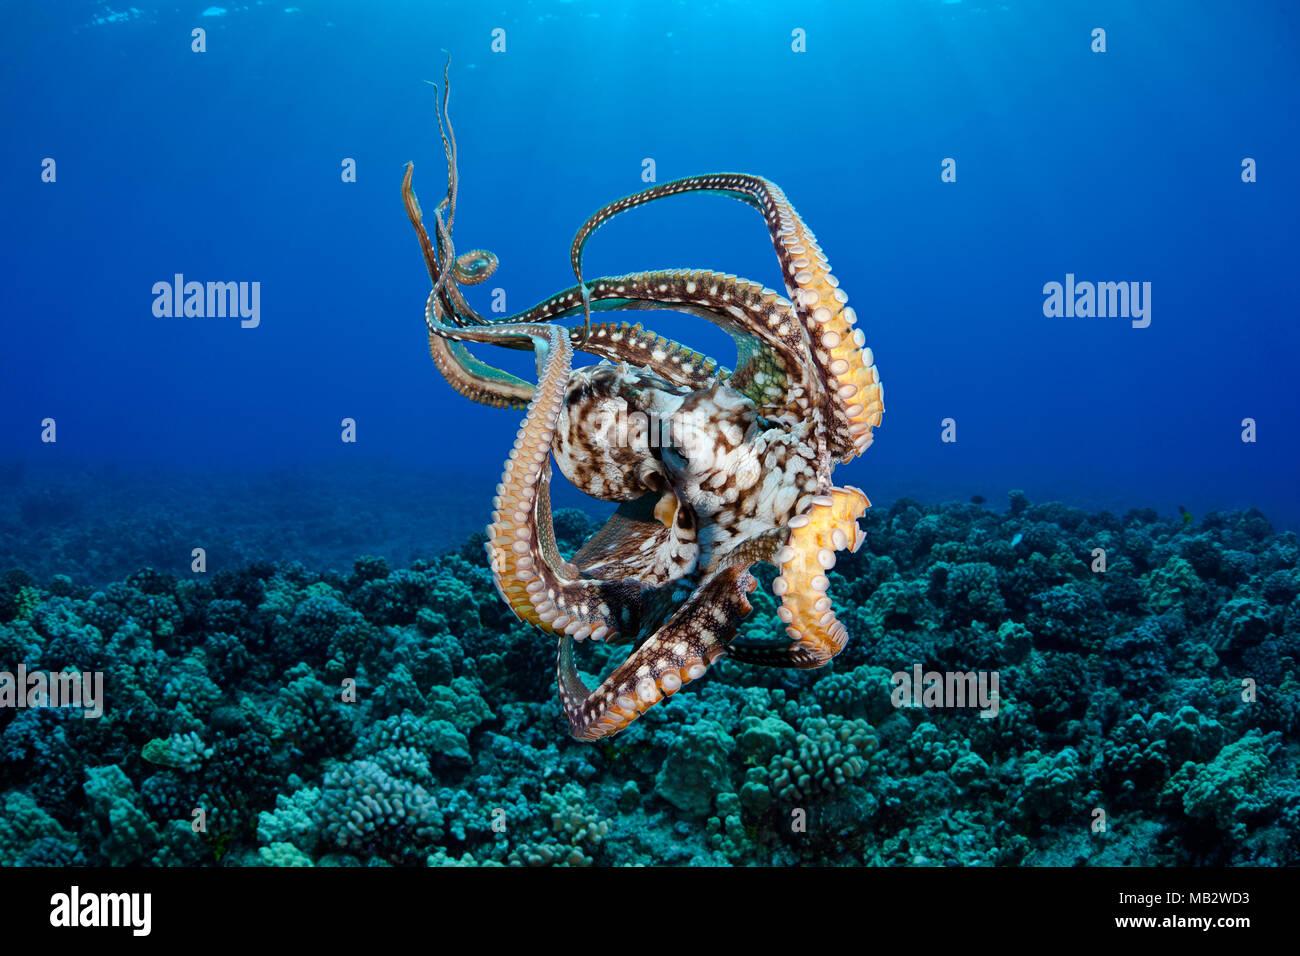 Diese Ansicht zeigt die Saugnäpfe auf diese acht bewaffneten Kopffüsser. Tag Krake, Octopus Cyanea, Hawaii. Stockbild